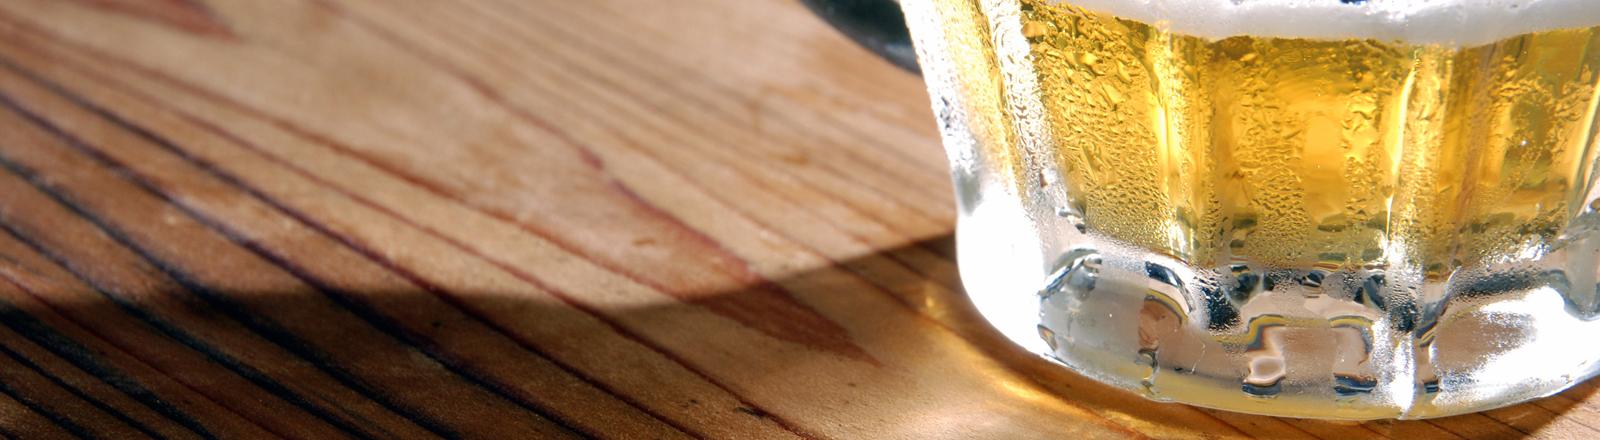 Ein halbvoller Bierkrug auf einem Tisch